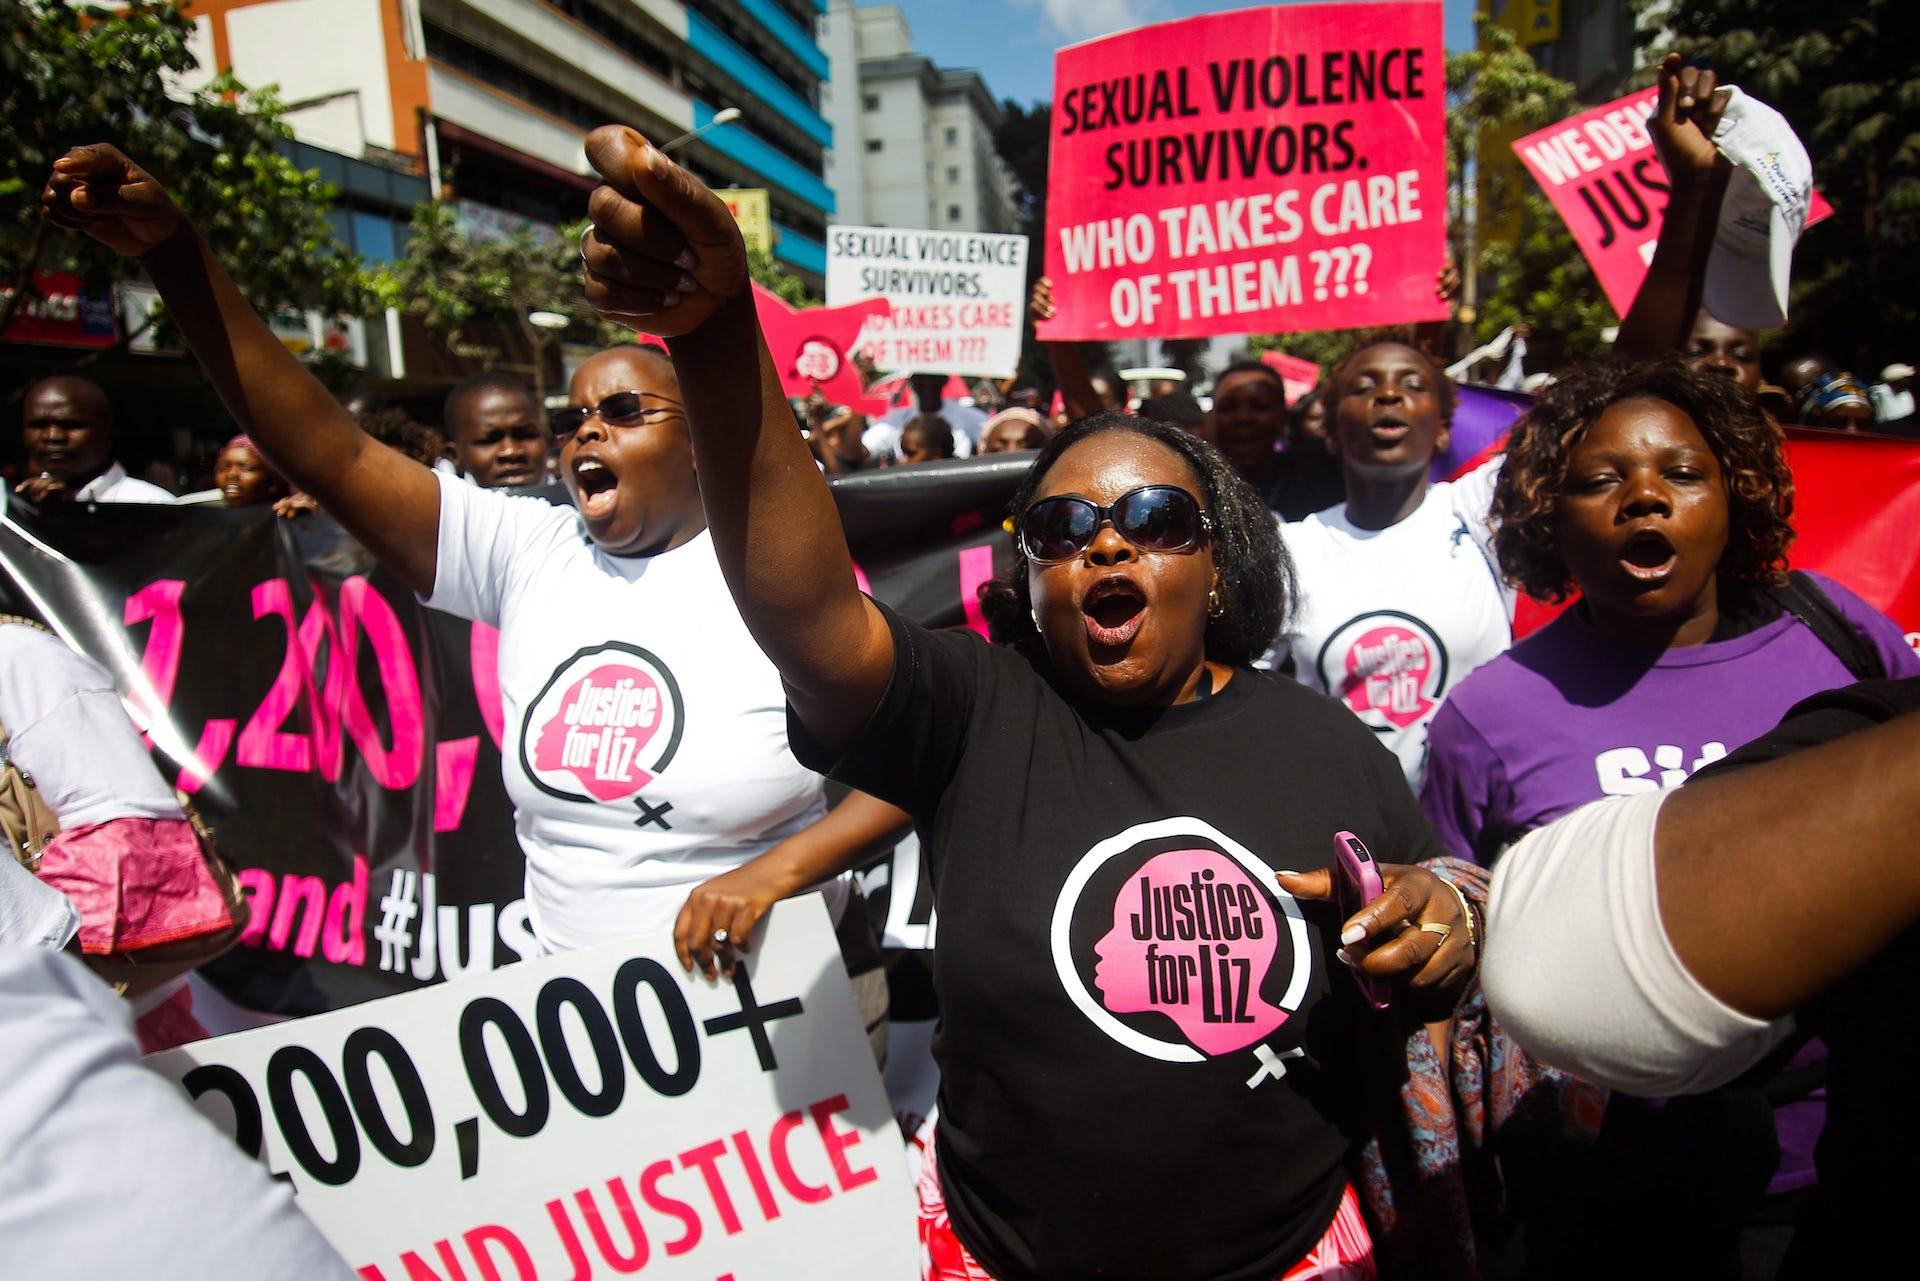 Kenyan women and attitudes towards sex